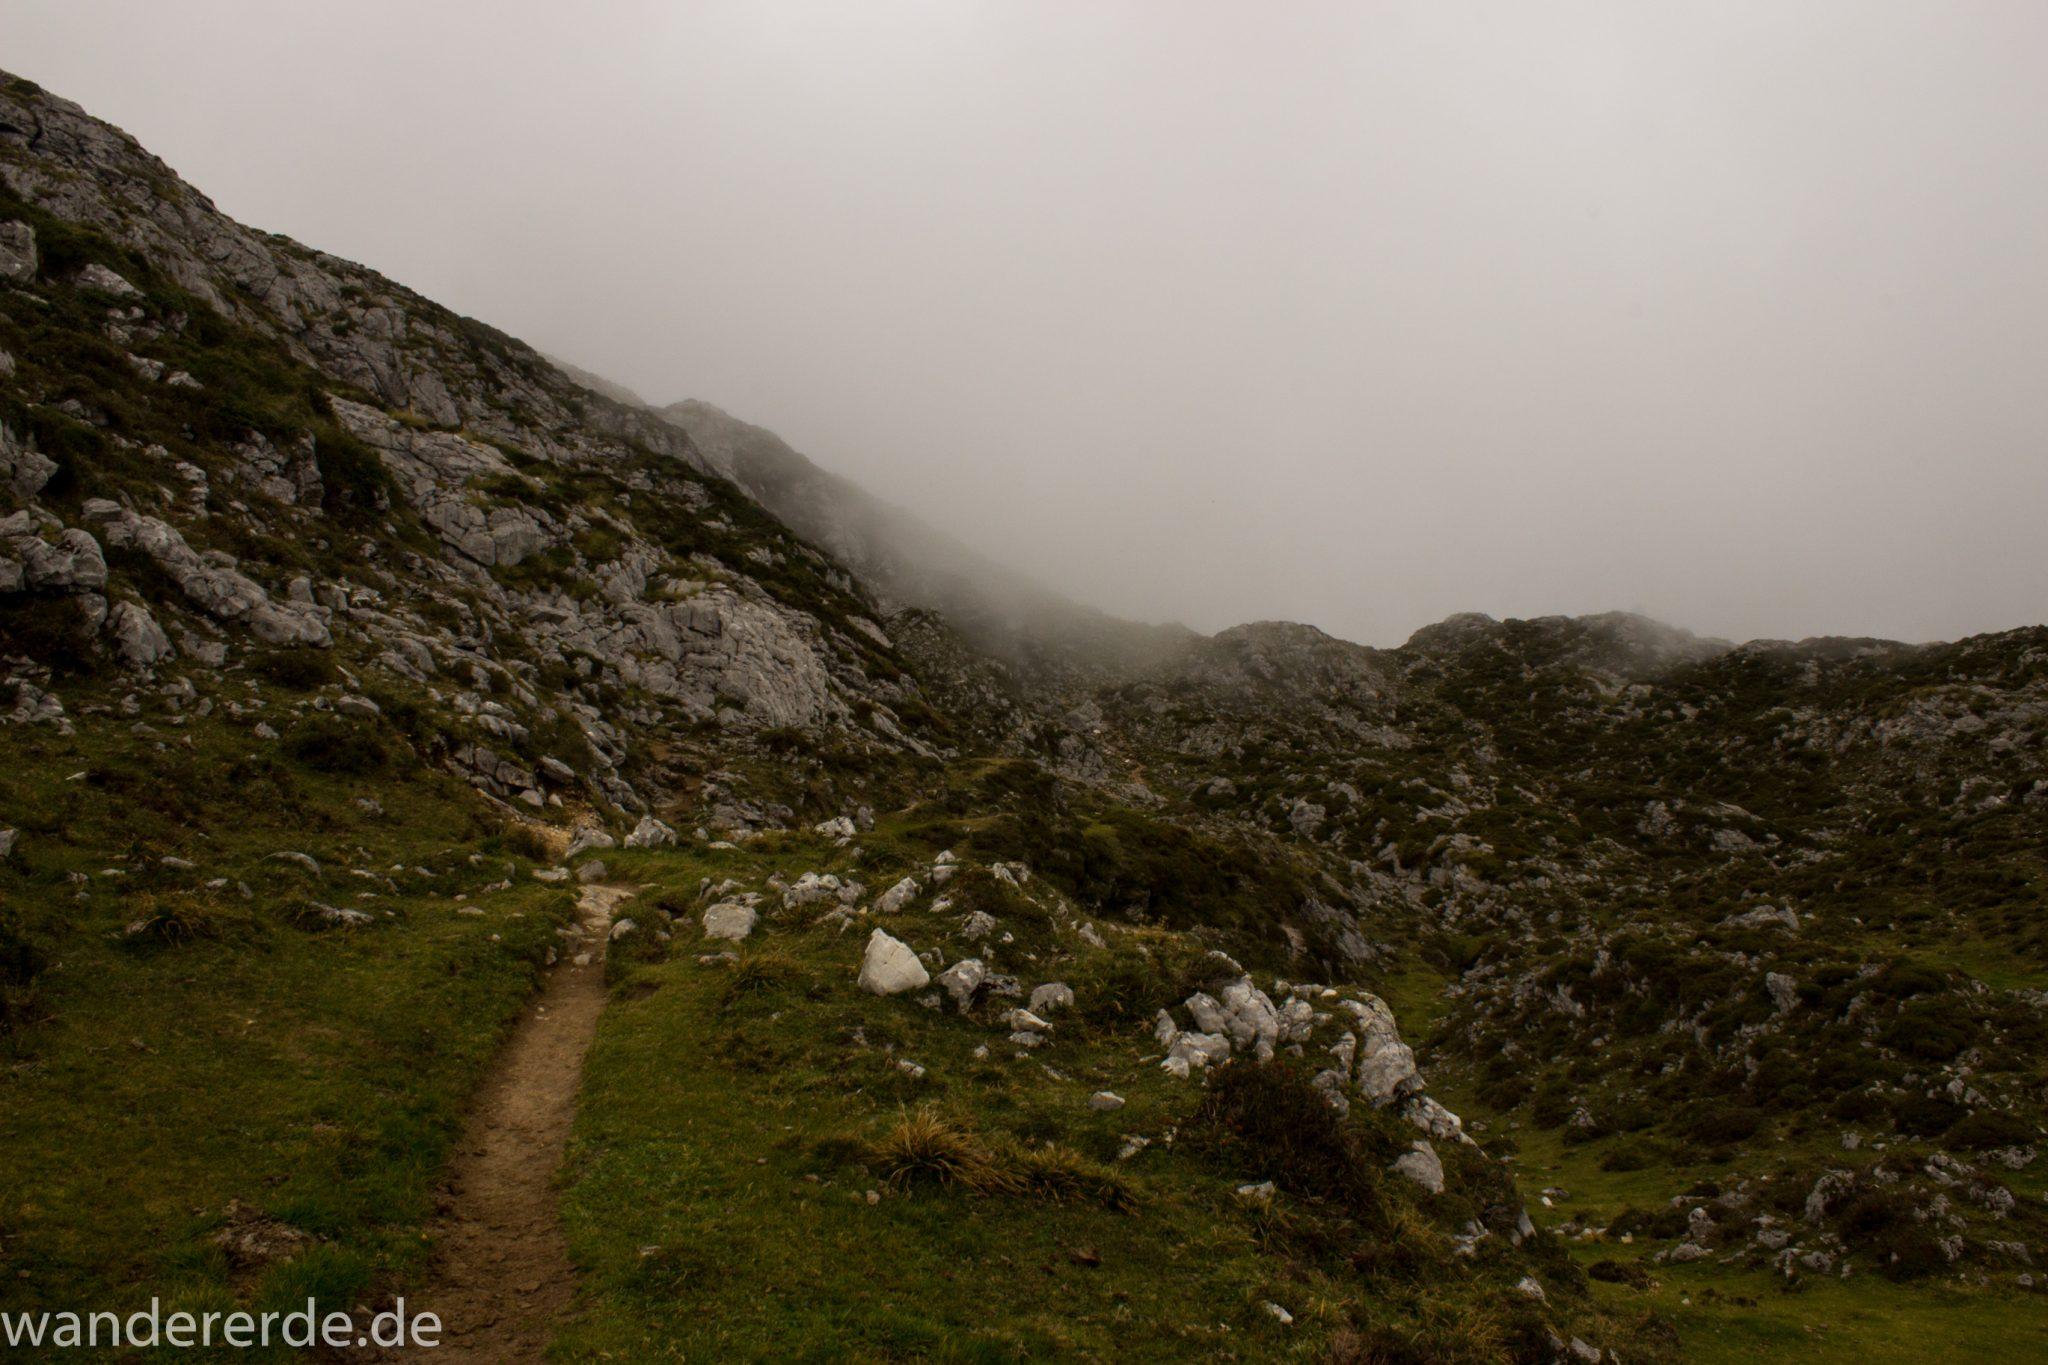 Wanderung Vega de Ario Picos de Europa Spanien, dichte Wolken, Bergregion in Nordspanien, Wandern, grüne Wiesen, zerklüftete Felsen, Steine